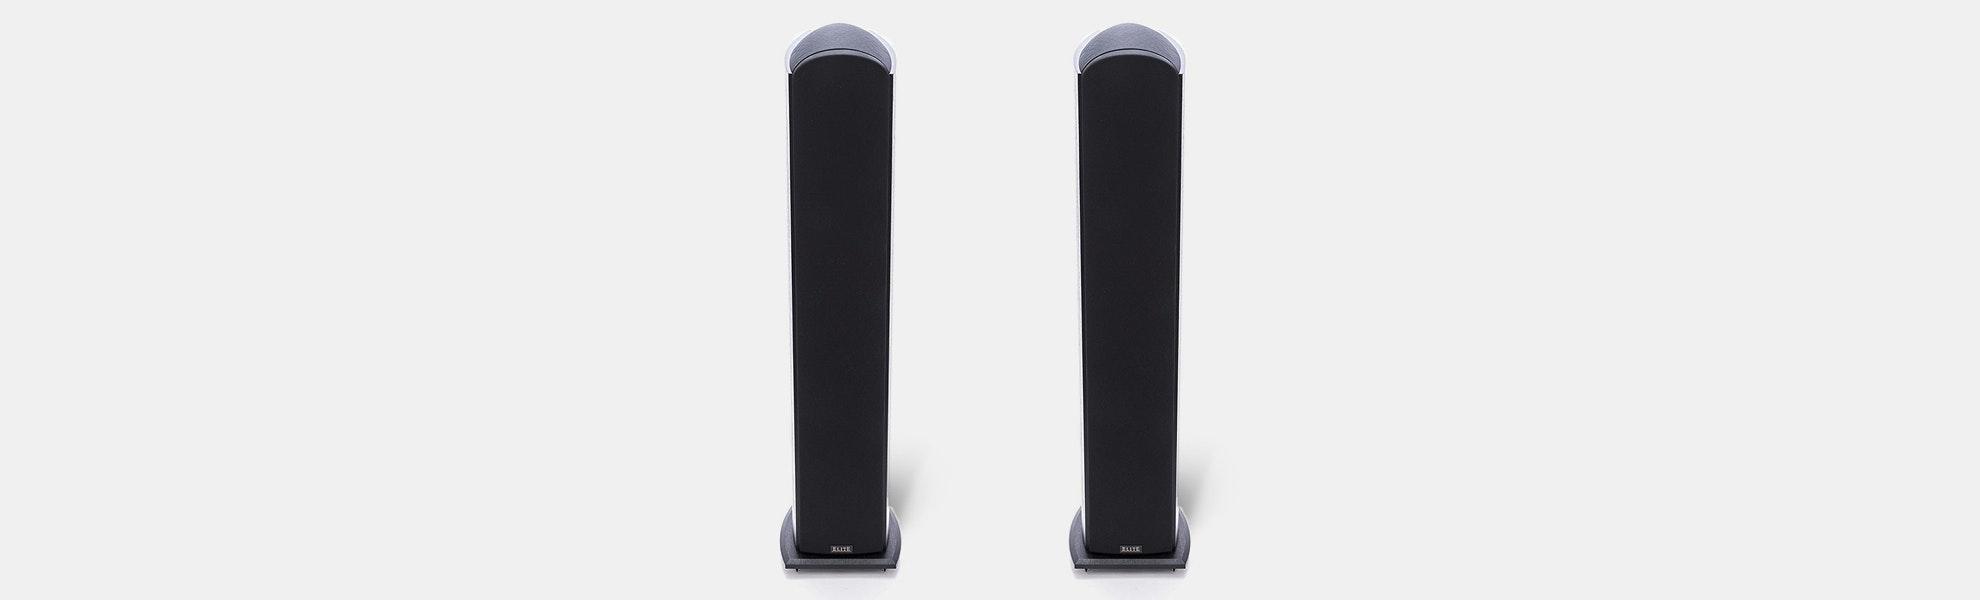 Pioneer Elite SP-EFS73 Floorstanding Speakers